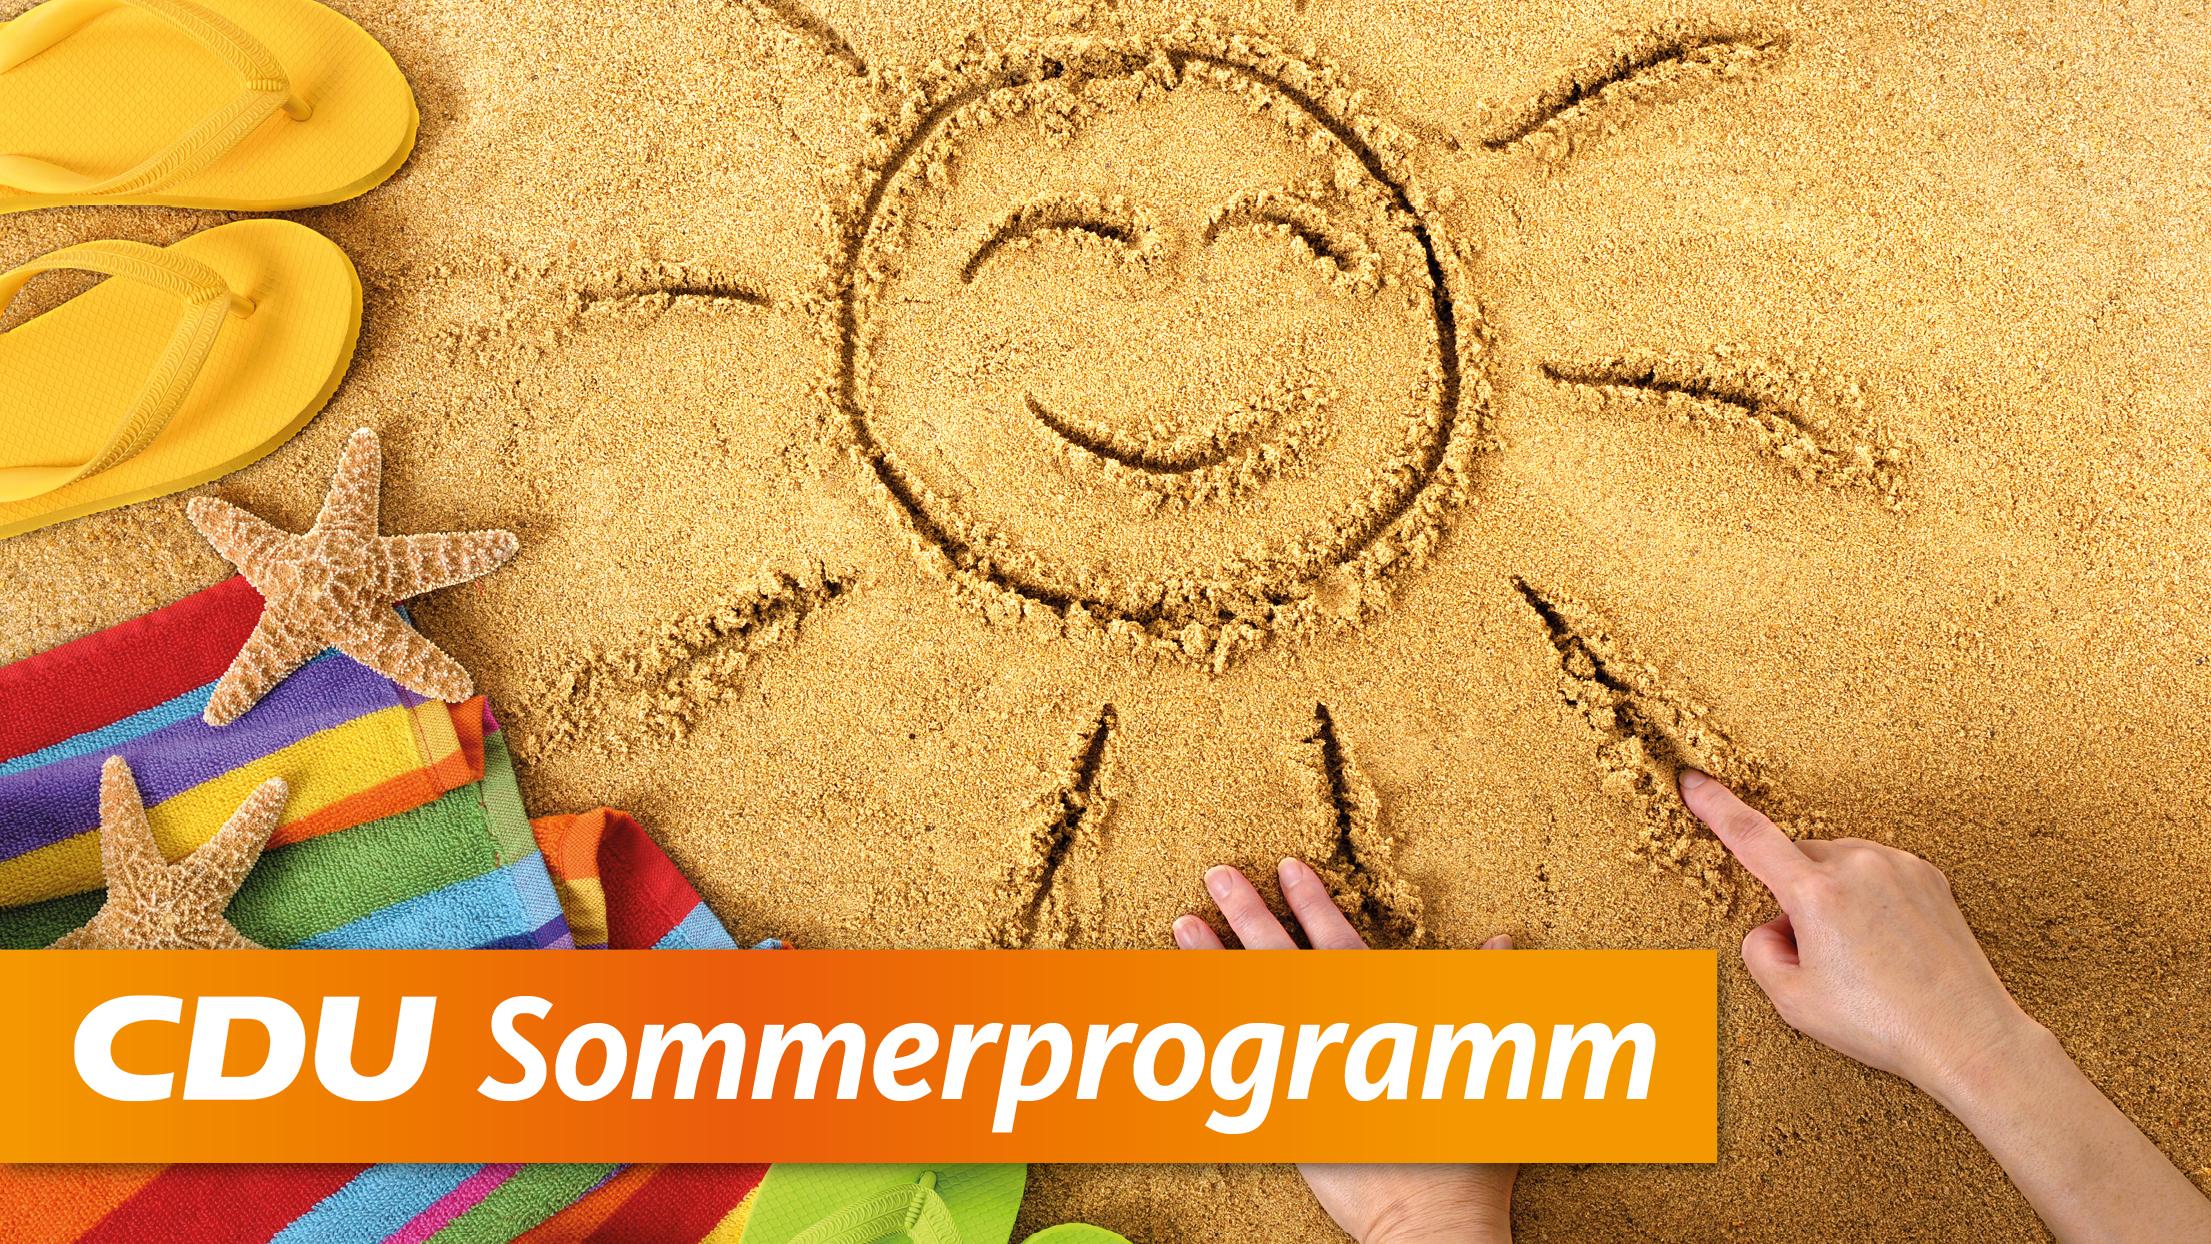 www.cdu-sommerprogramm.de